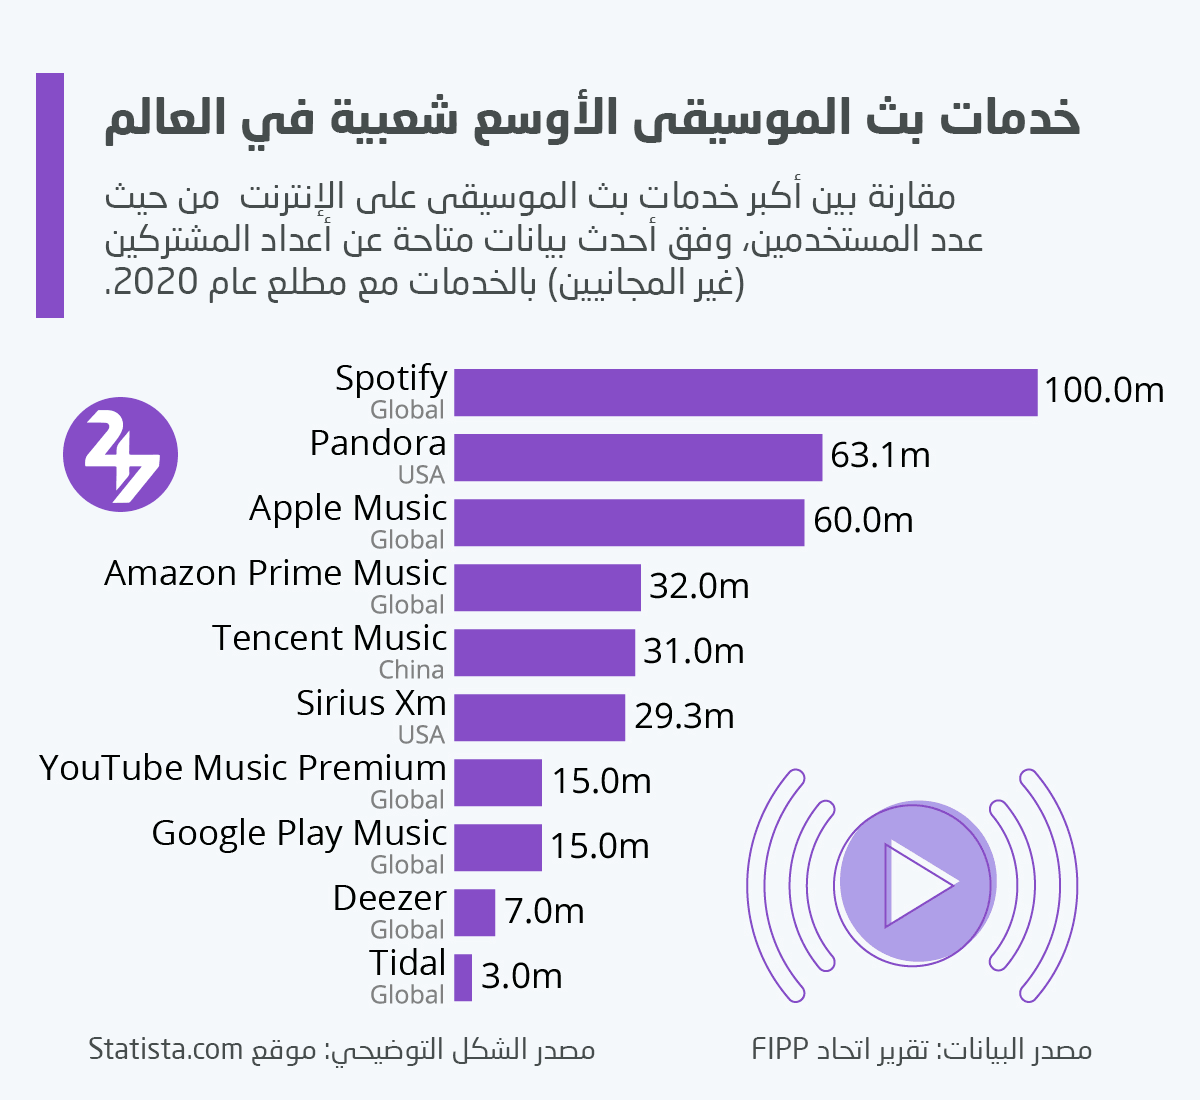 أكبر شركات بث الموسيقى عبر الإنترنت من حيث عدد المشتركين المسجلين غير المجانيين